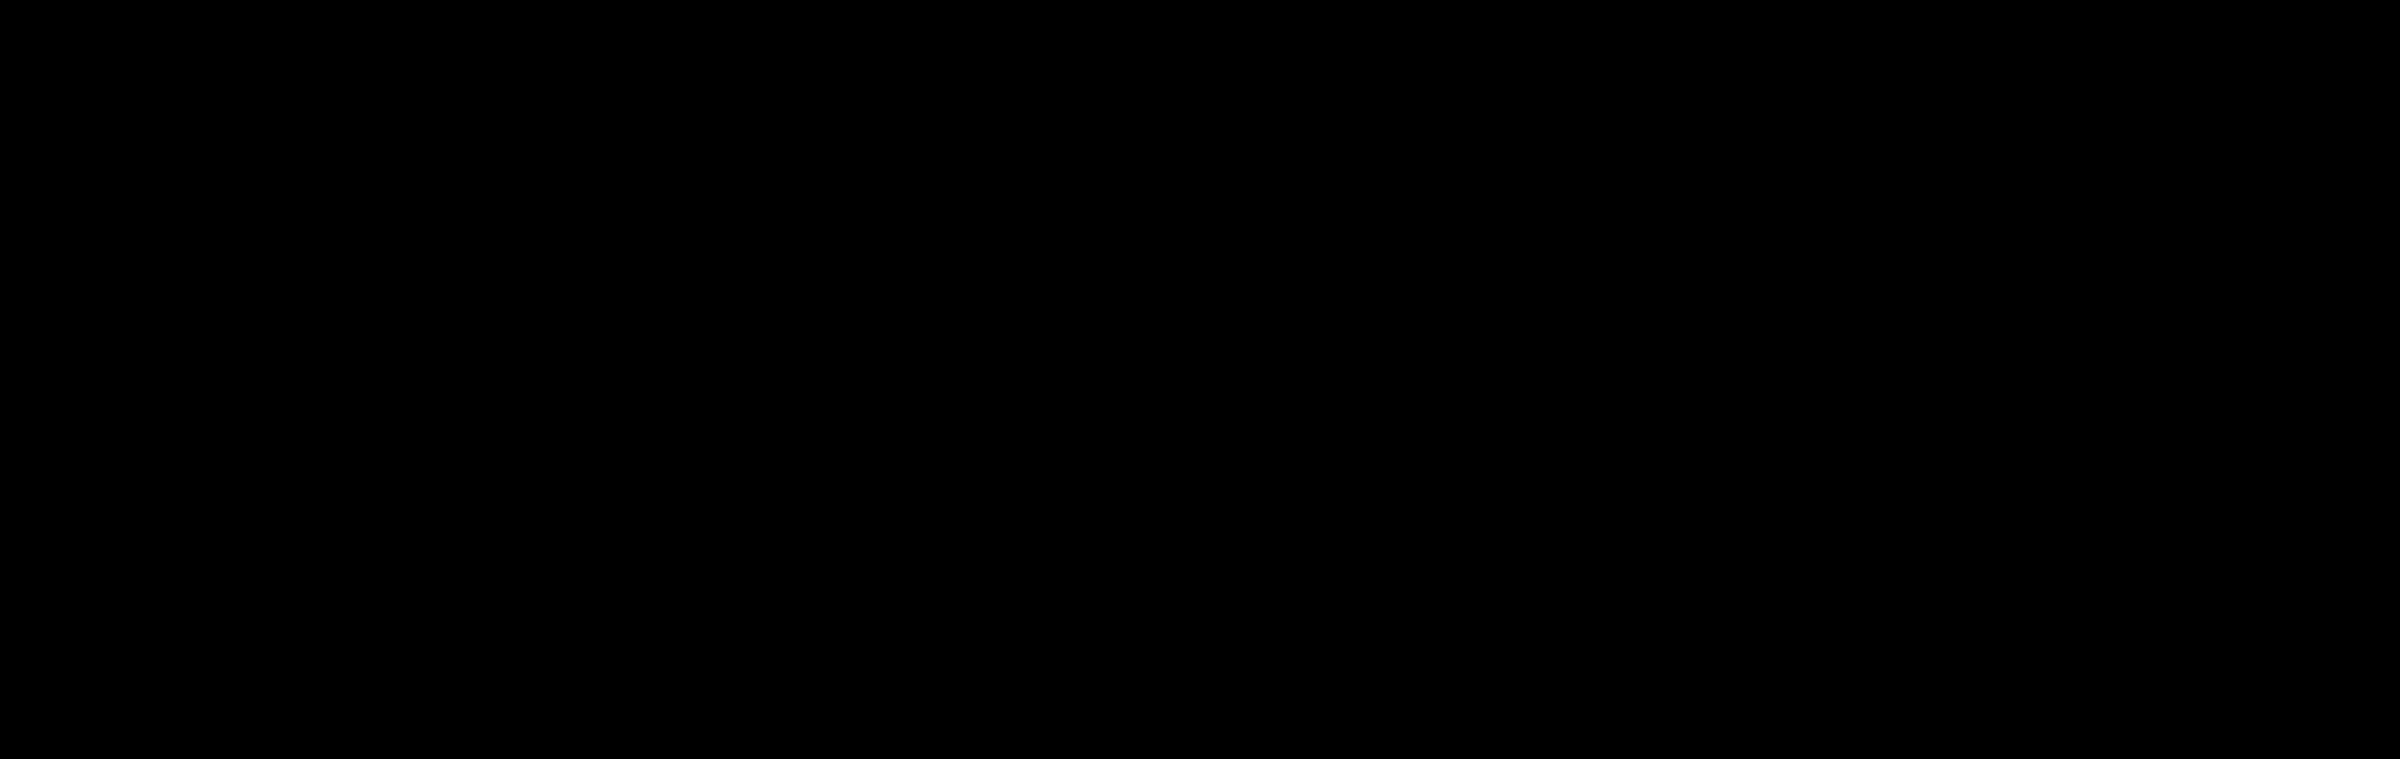 Key tools free black. Keys clipart silhouette